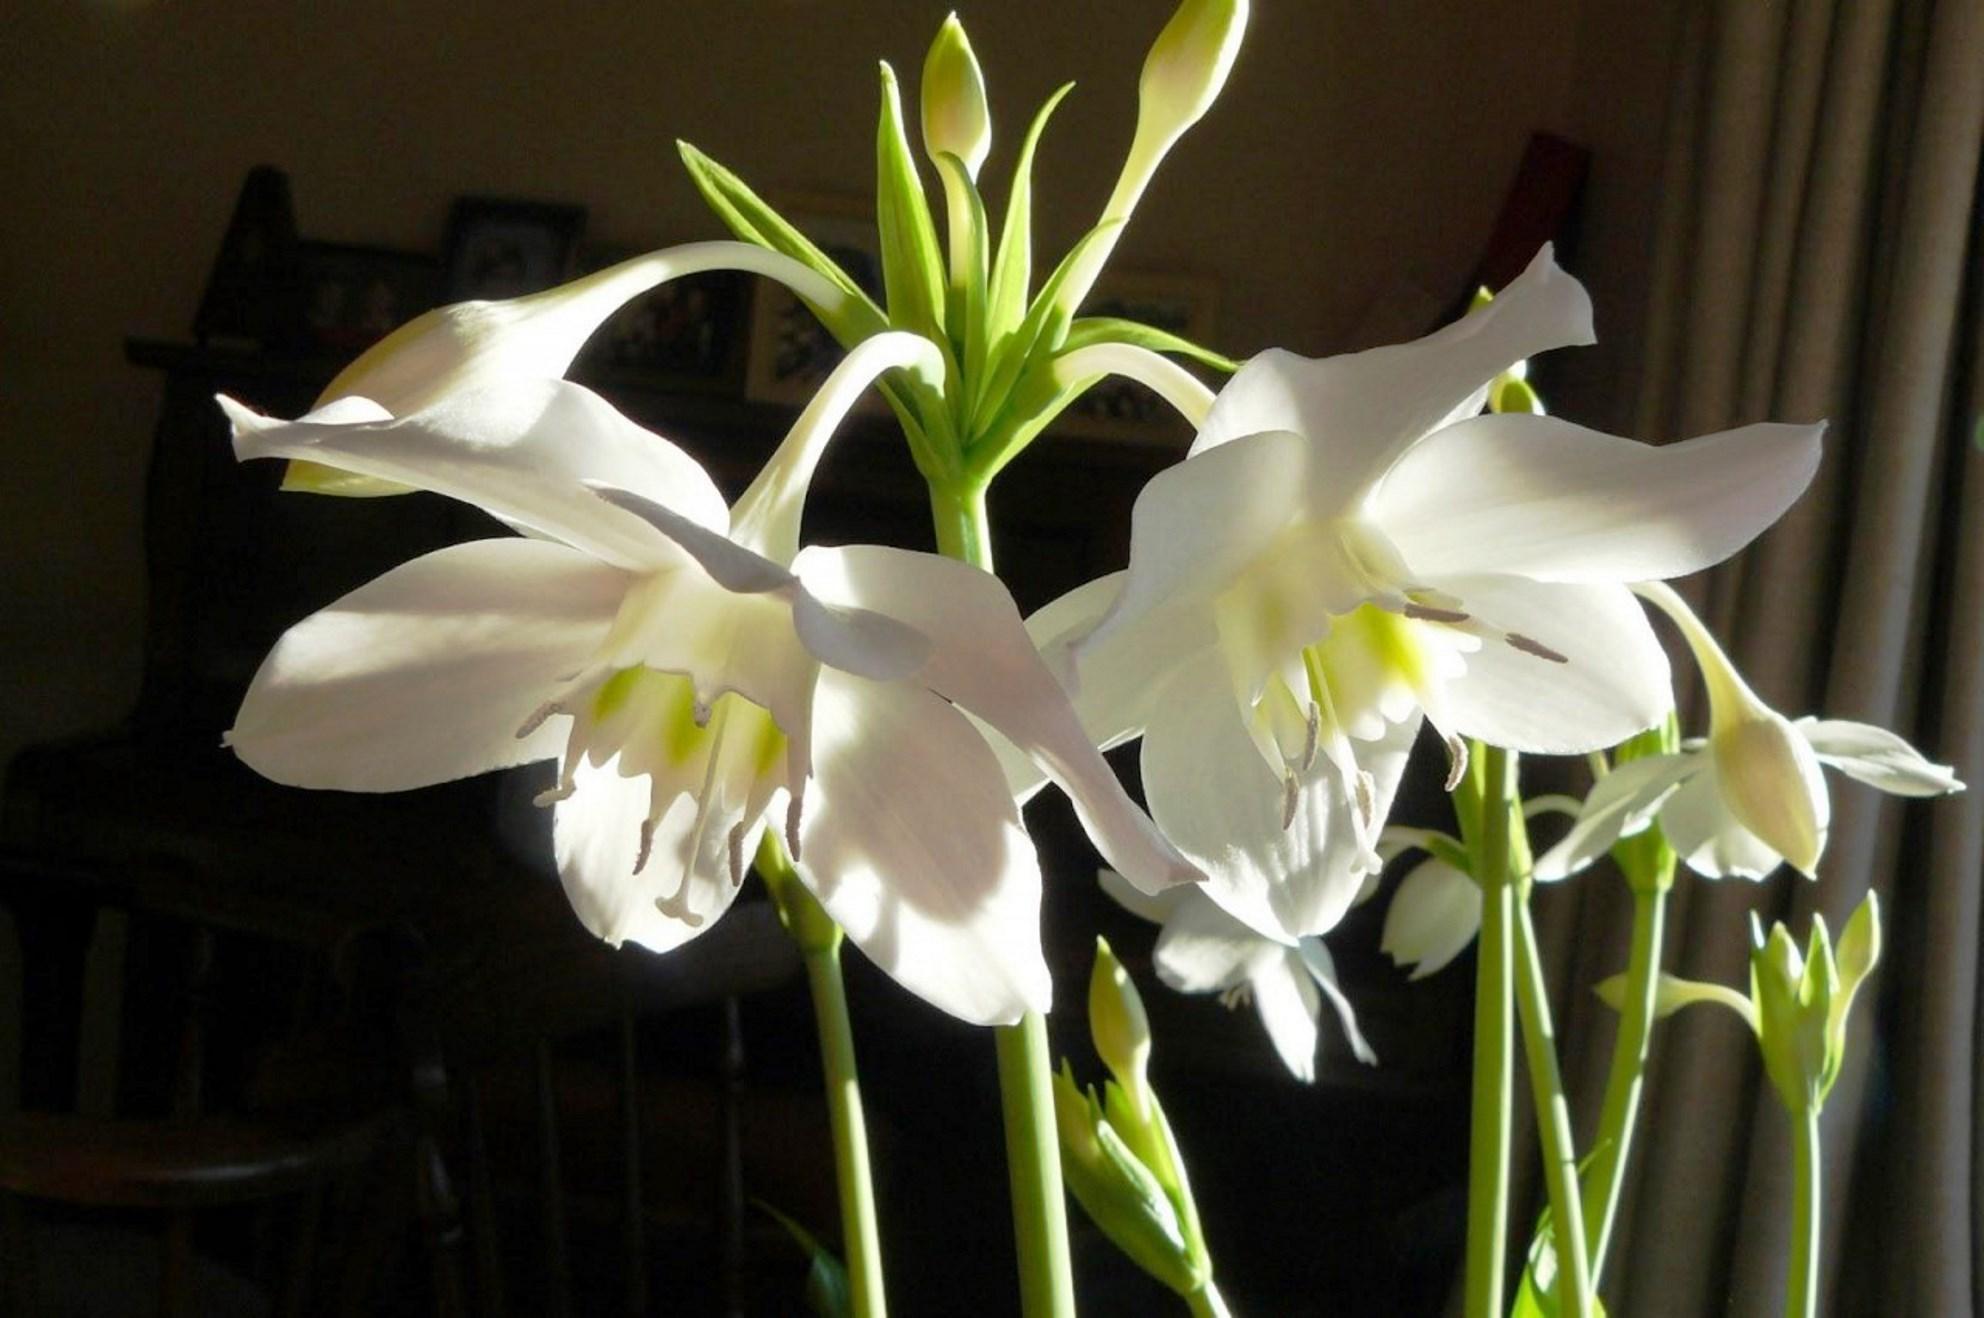 фото как зацветает комнатная лилия